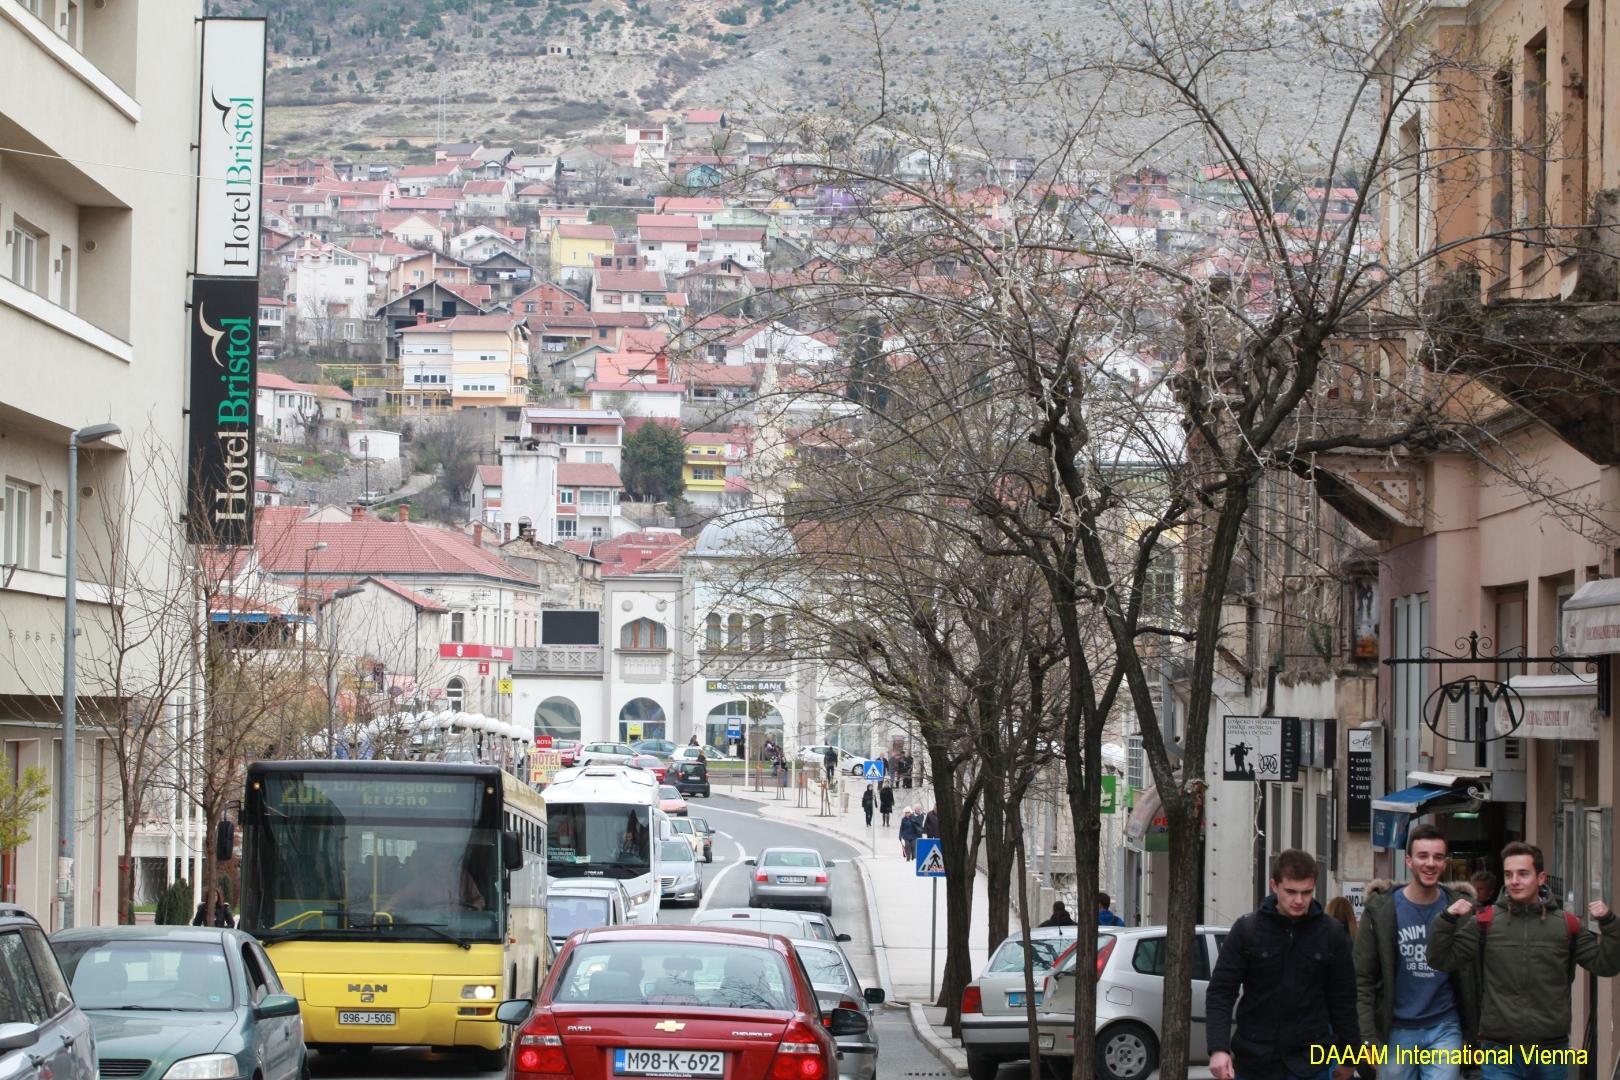 DAAAM_2016_Mostar_01_Magic_City_of_Mostar_146